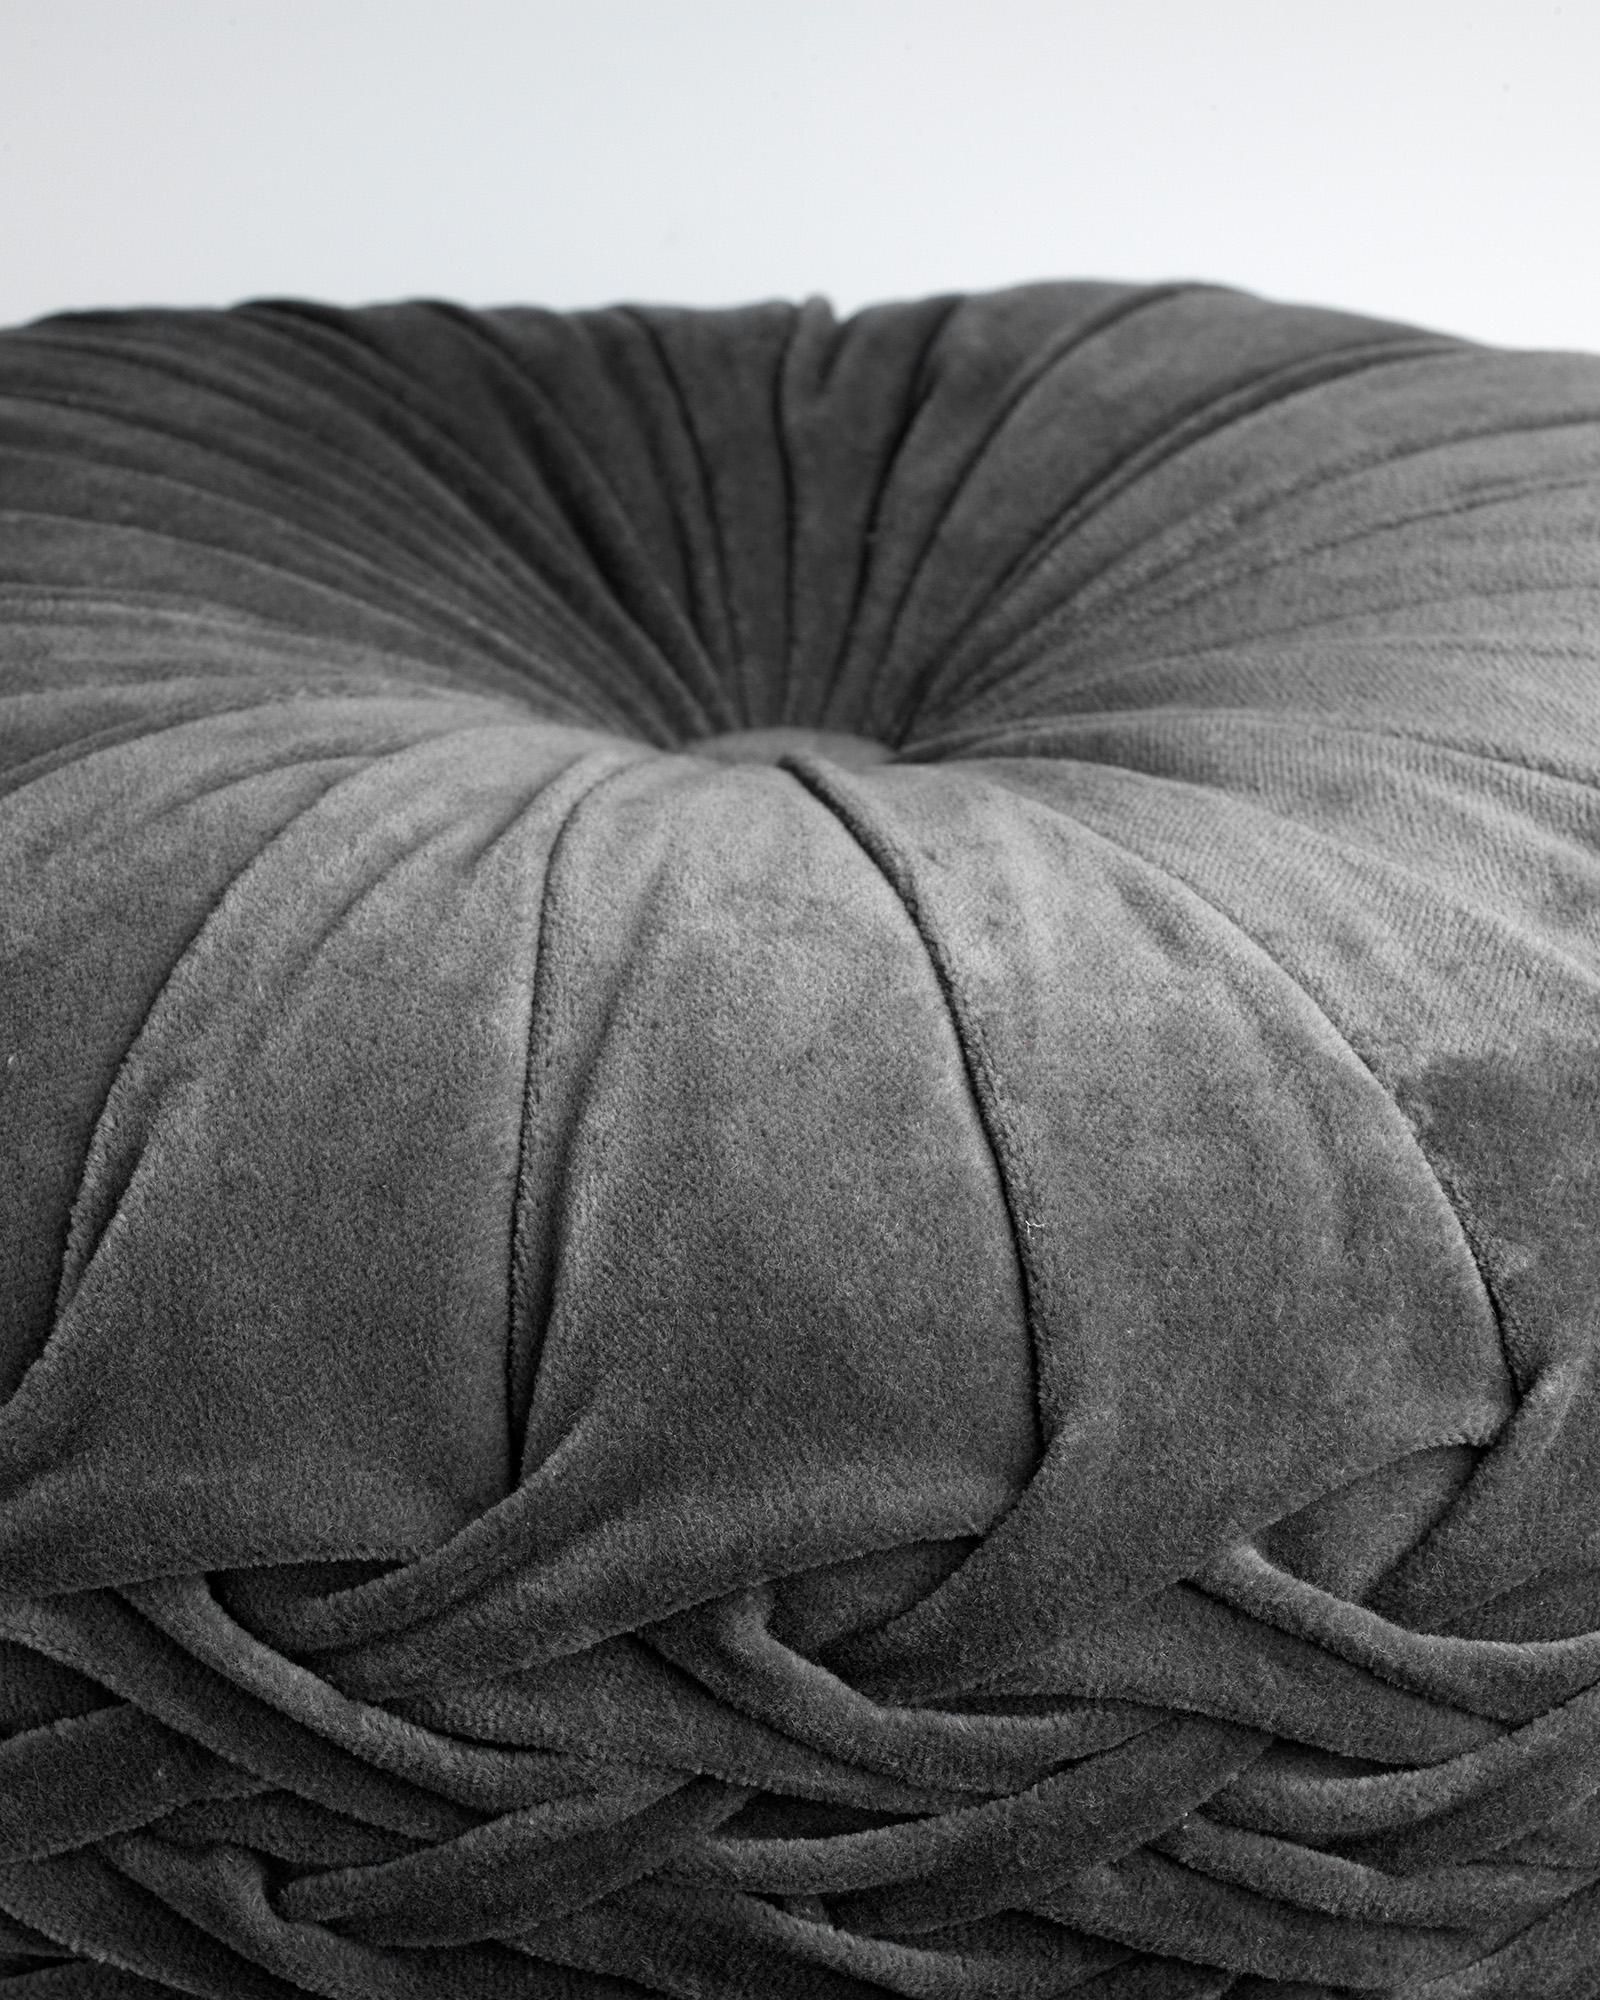 KAJA - Sierkussen rond velvet Charcoal Grey 40 cm